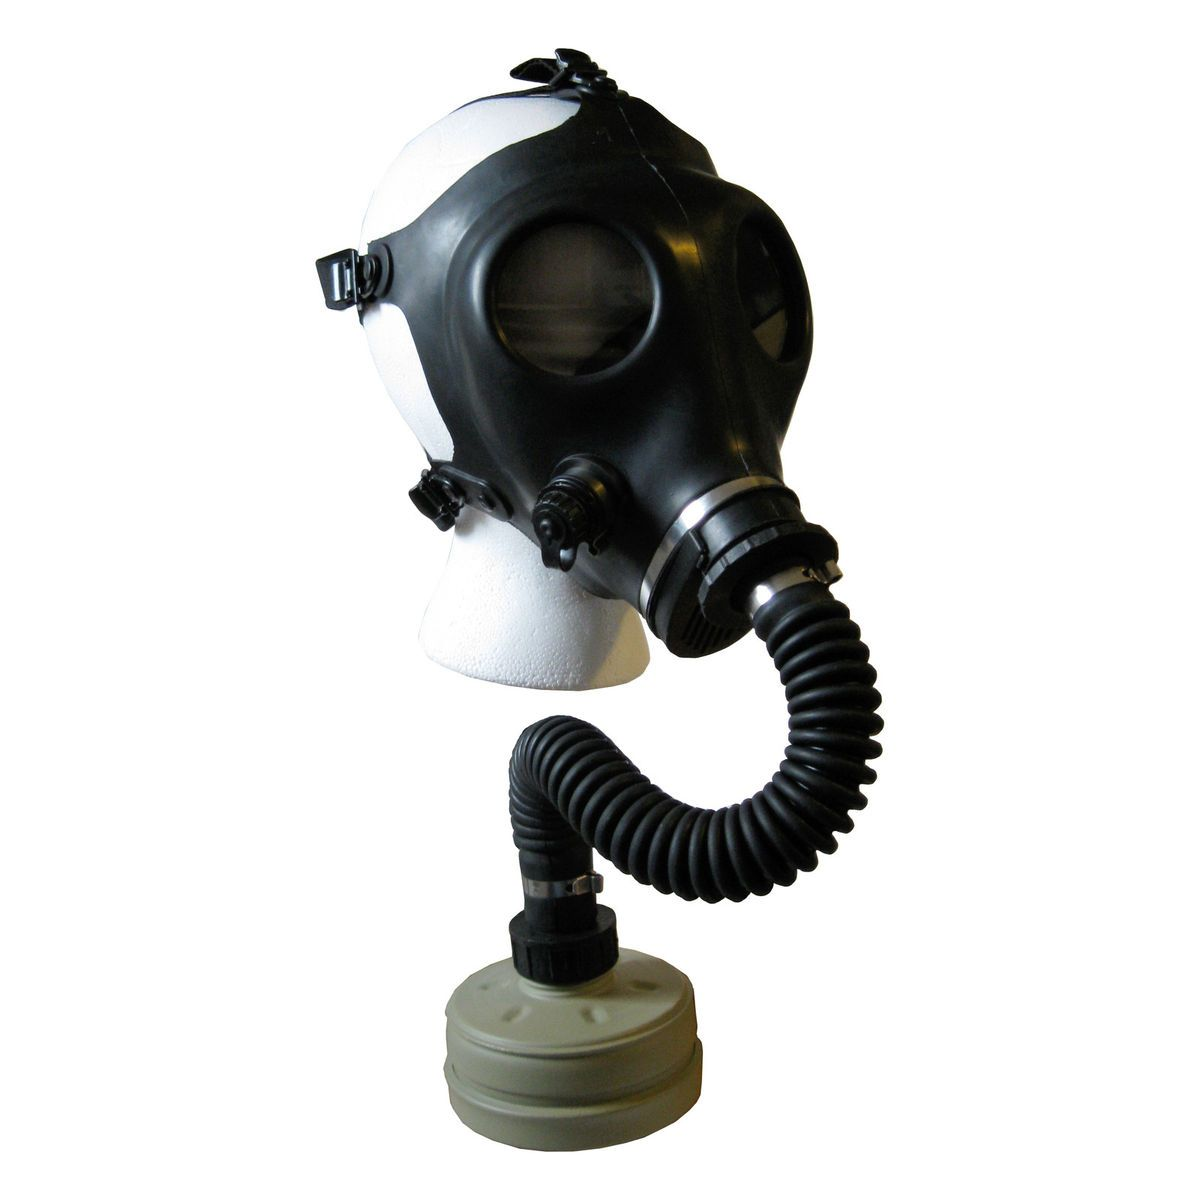 Military Gasmask Gas Mask Black Adult Army Mask Hose Filter